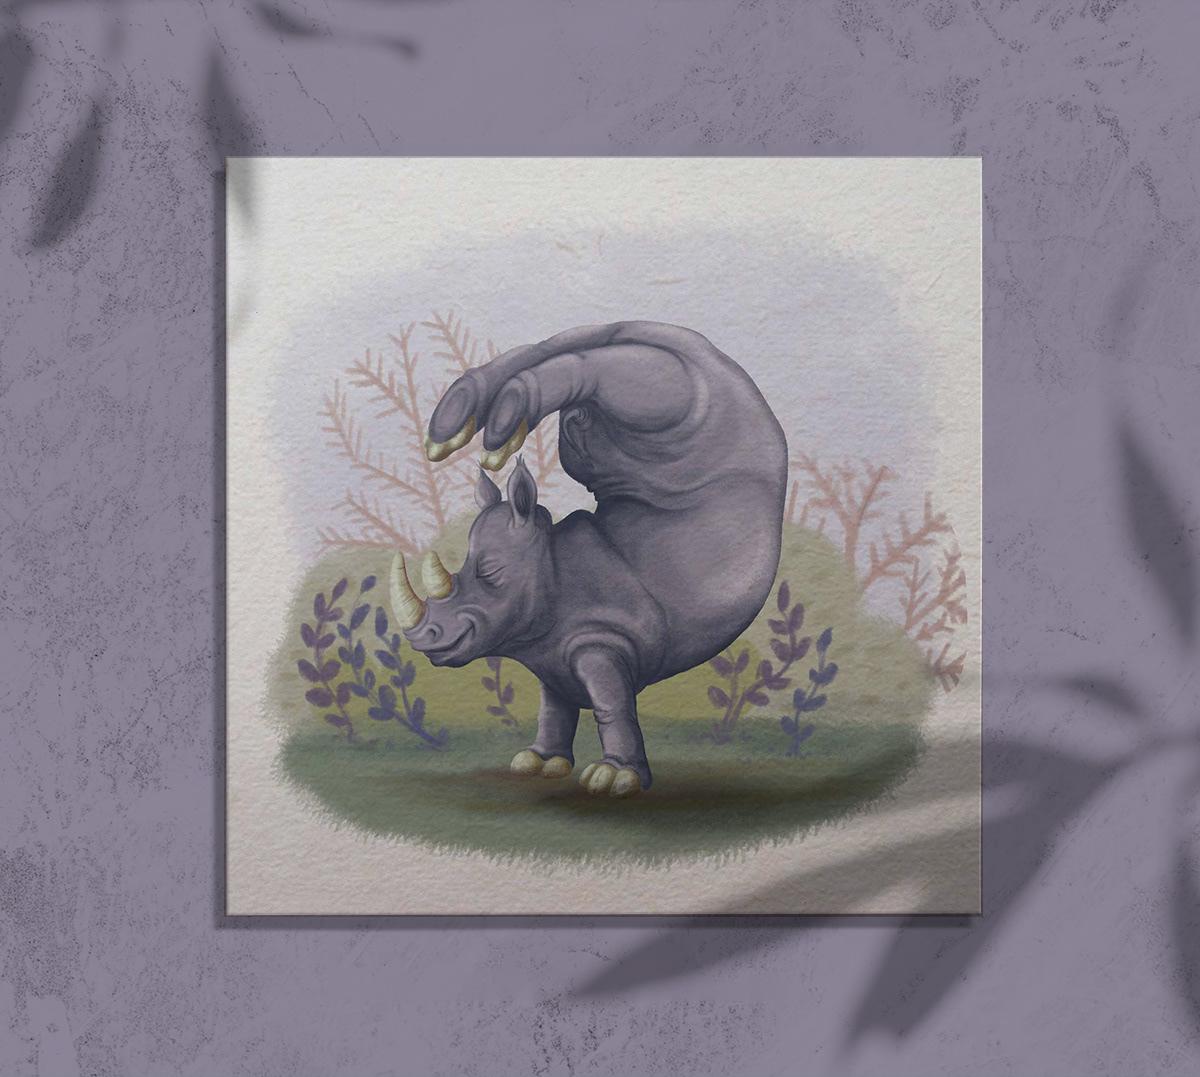 Image may contain: drawing, animal and cartoon